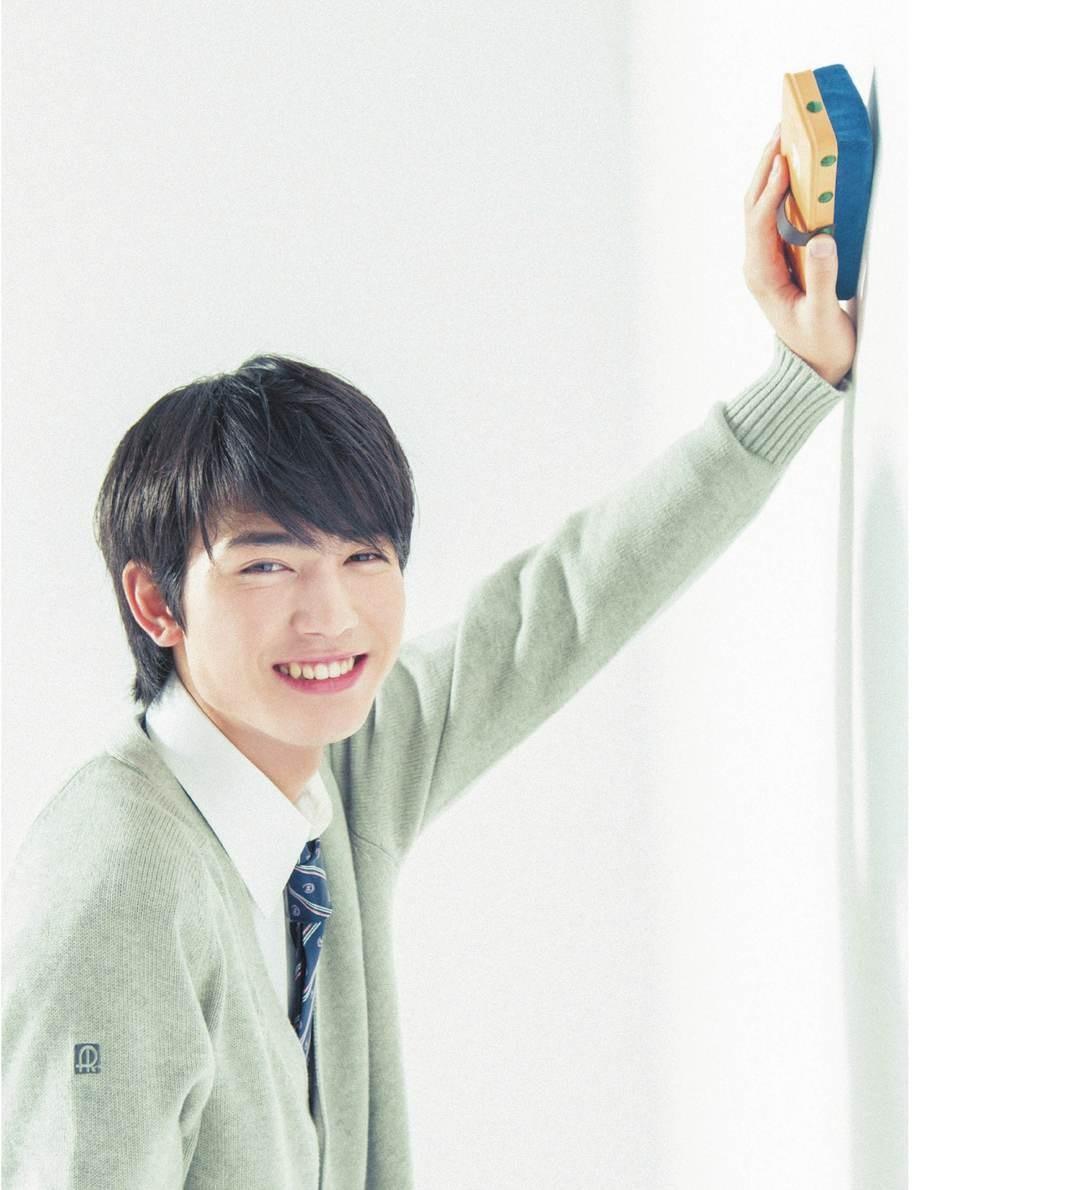 【脈アリ度92%】黒板消すのを手伝ってくれる♡